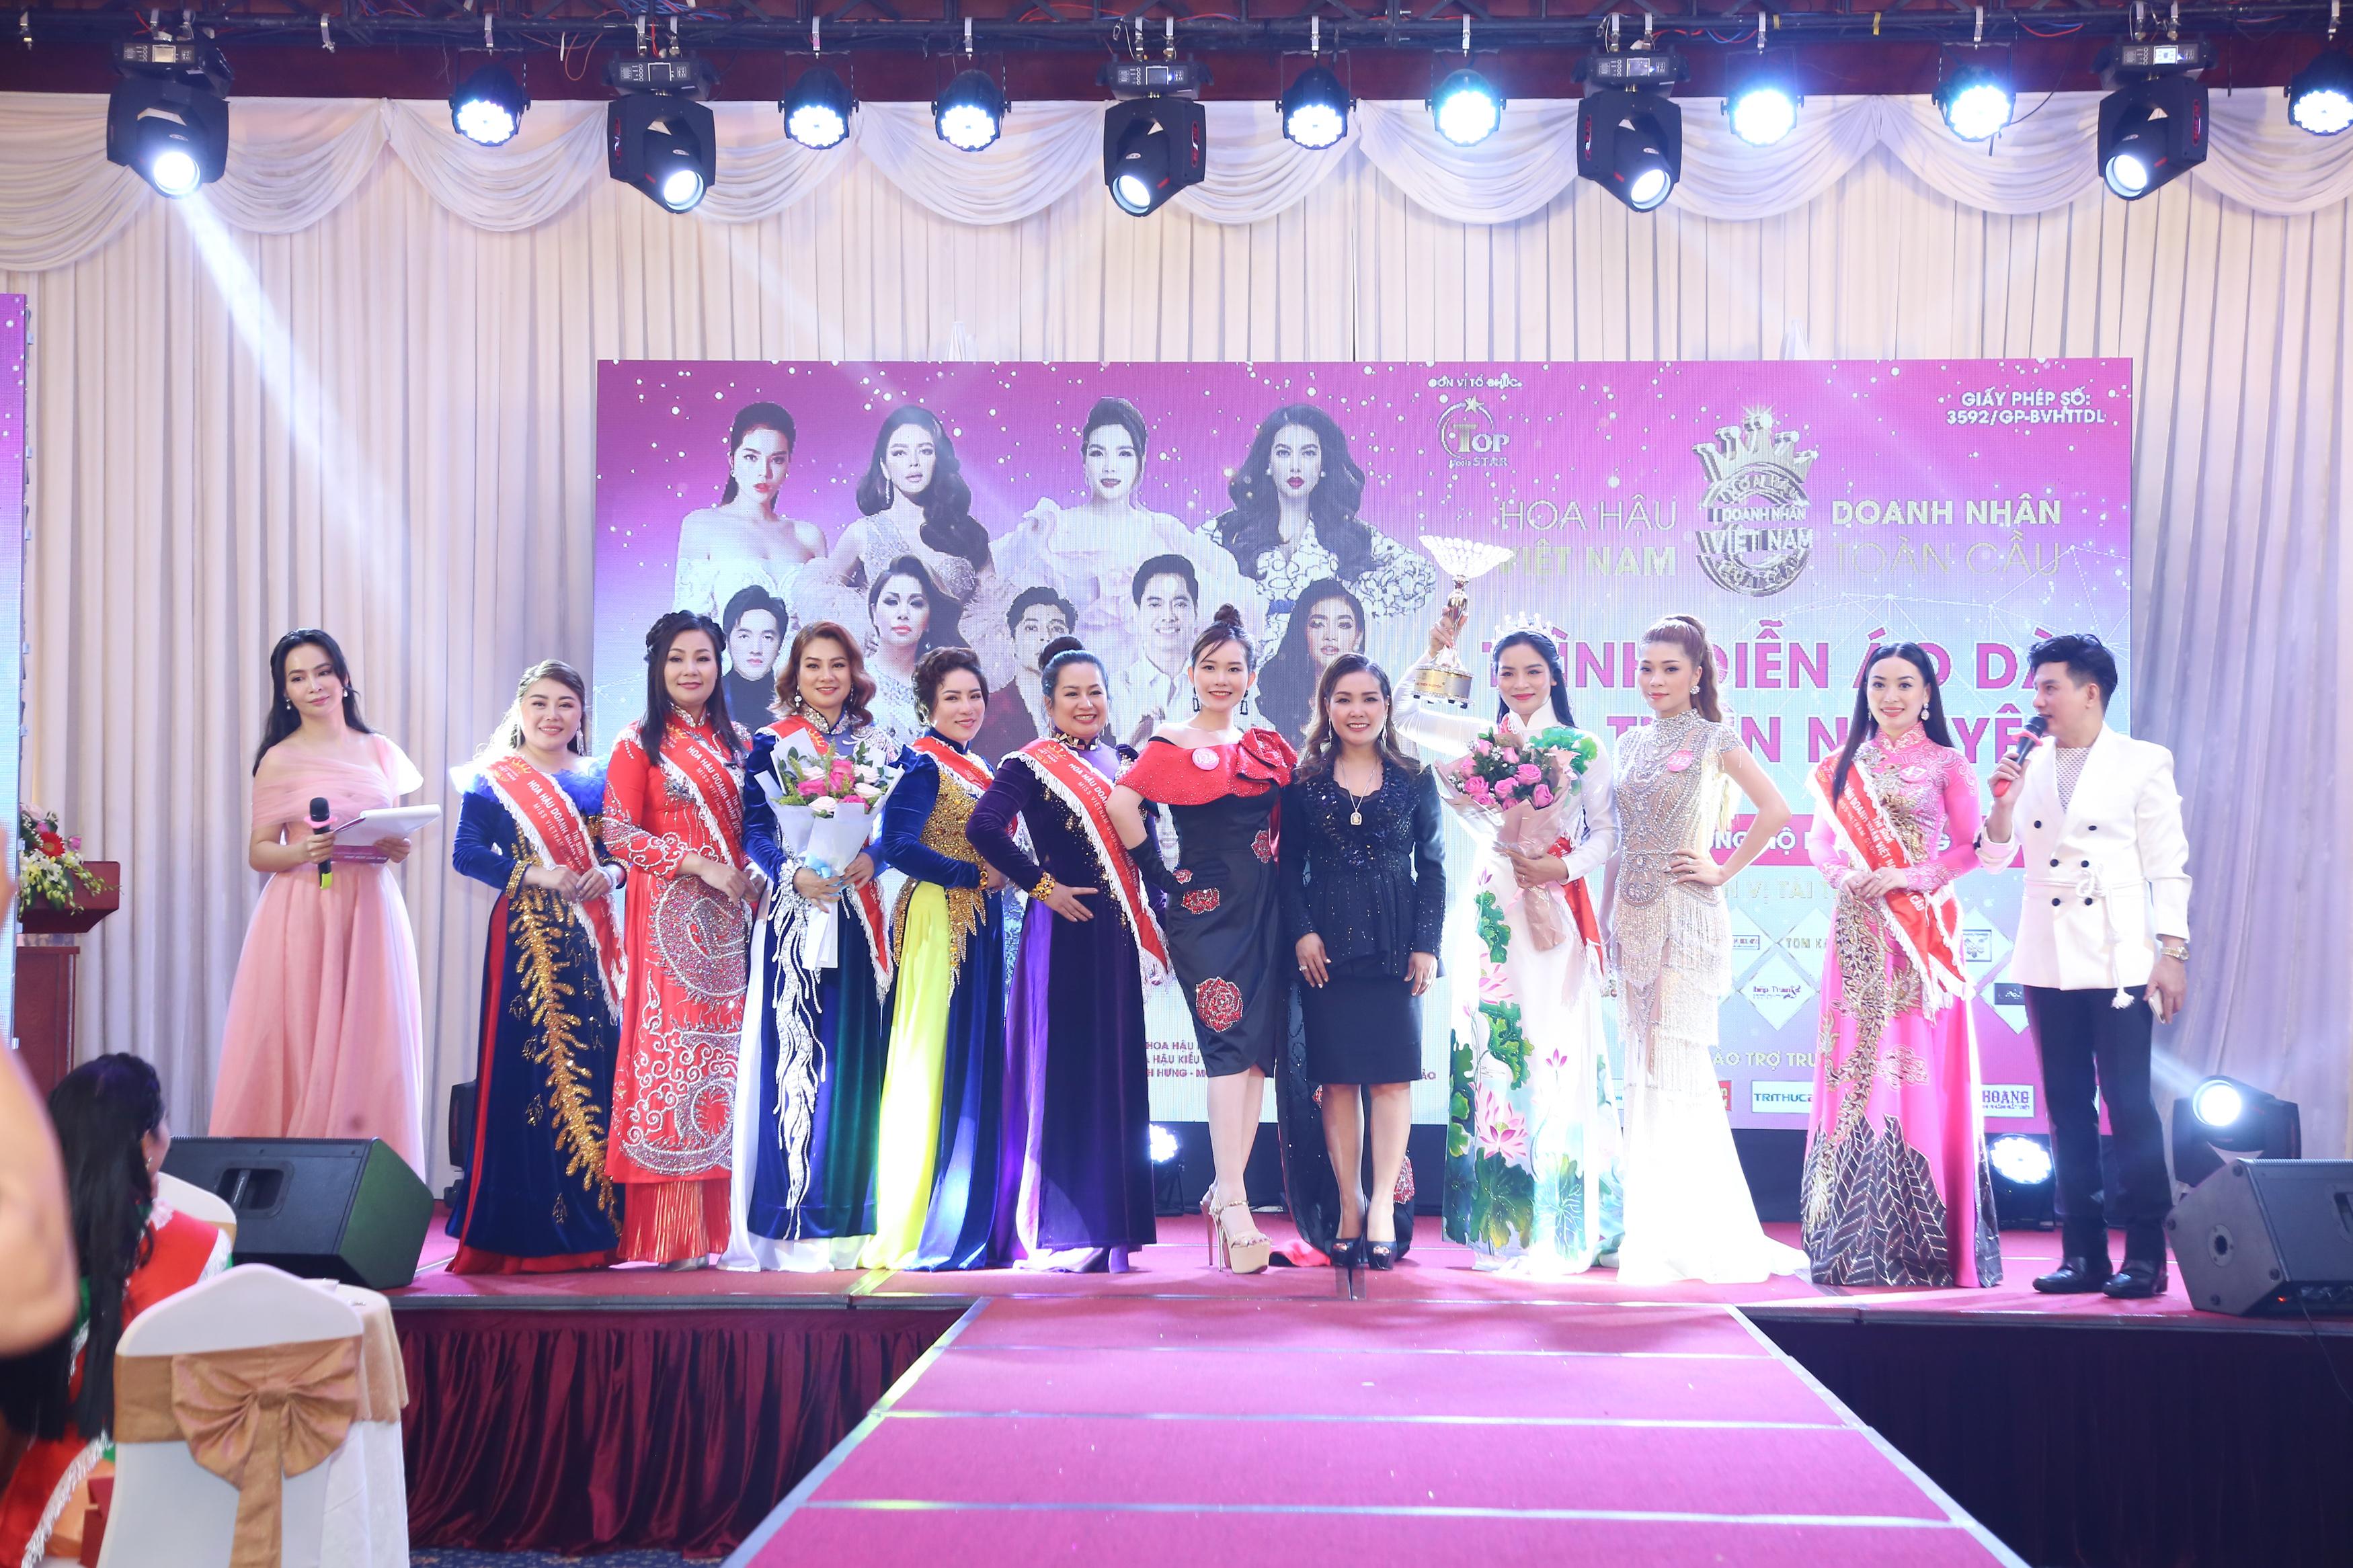 Nhiều cảm xúc trong đêm đấu giá gây quỹ của Hoa hậu Doanh nhân Việt Nam Toàn cầu 2020